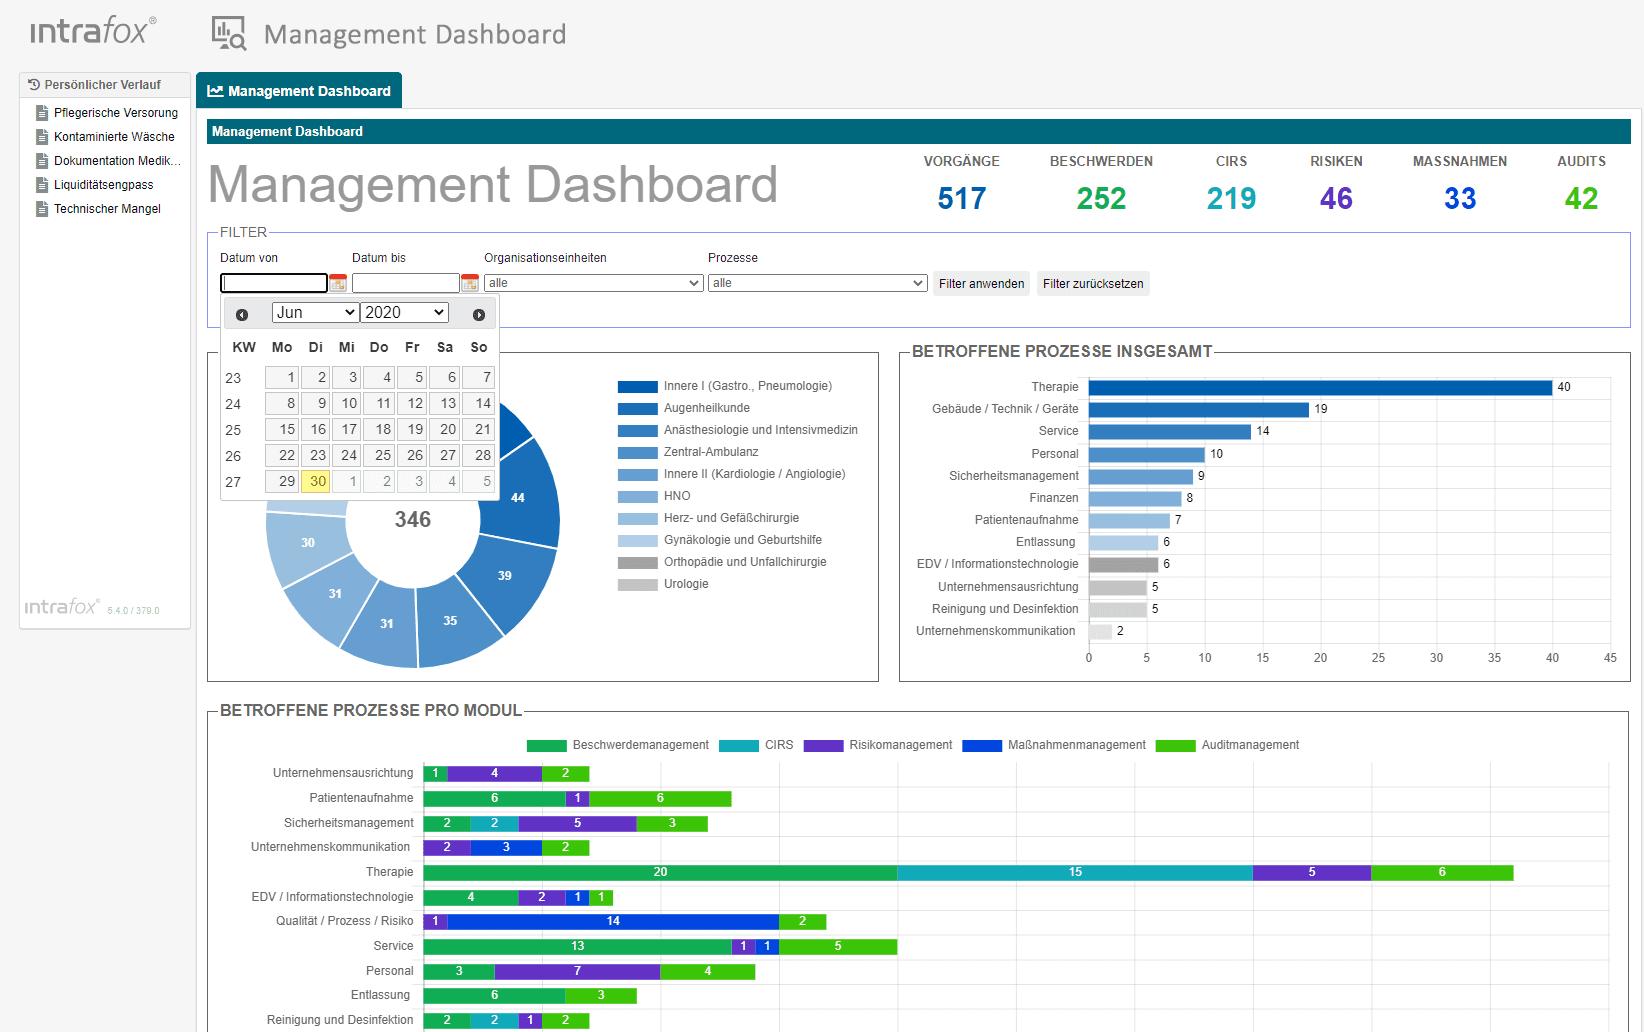 Management Dashboard für Krankenhäuser